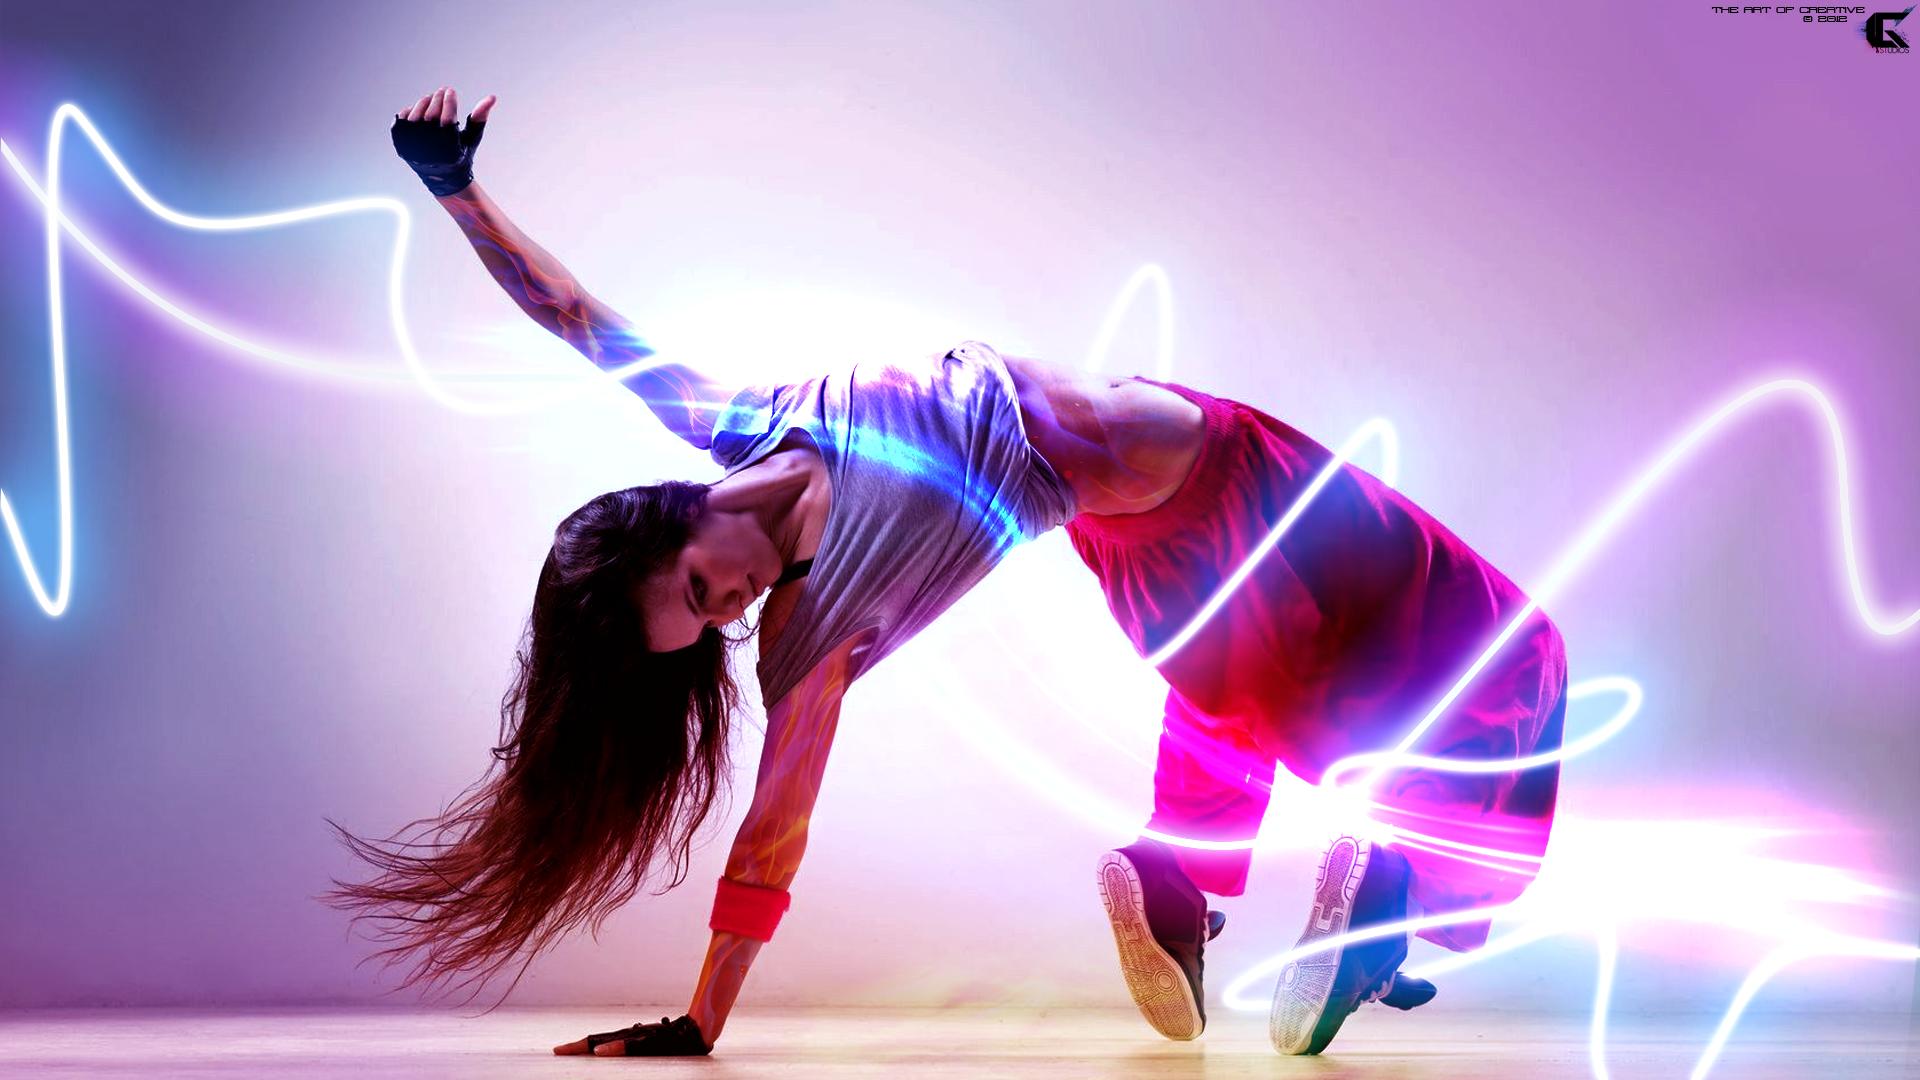 HD Dance Wallpapers - WallpaperSafari